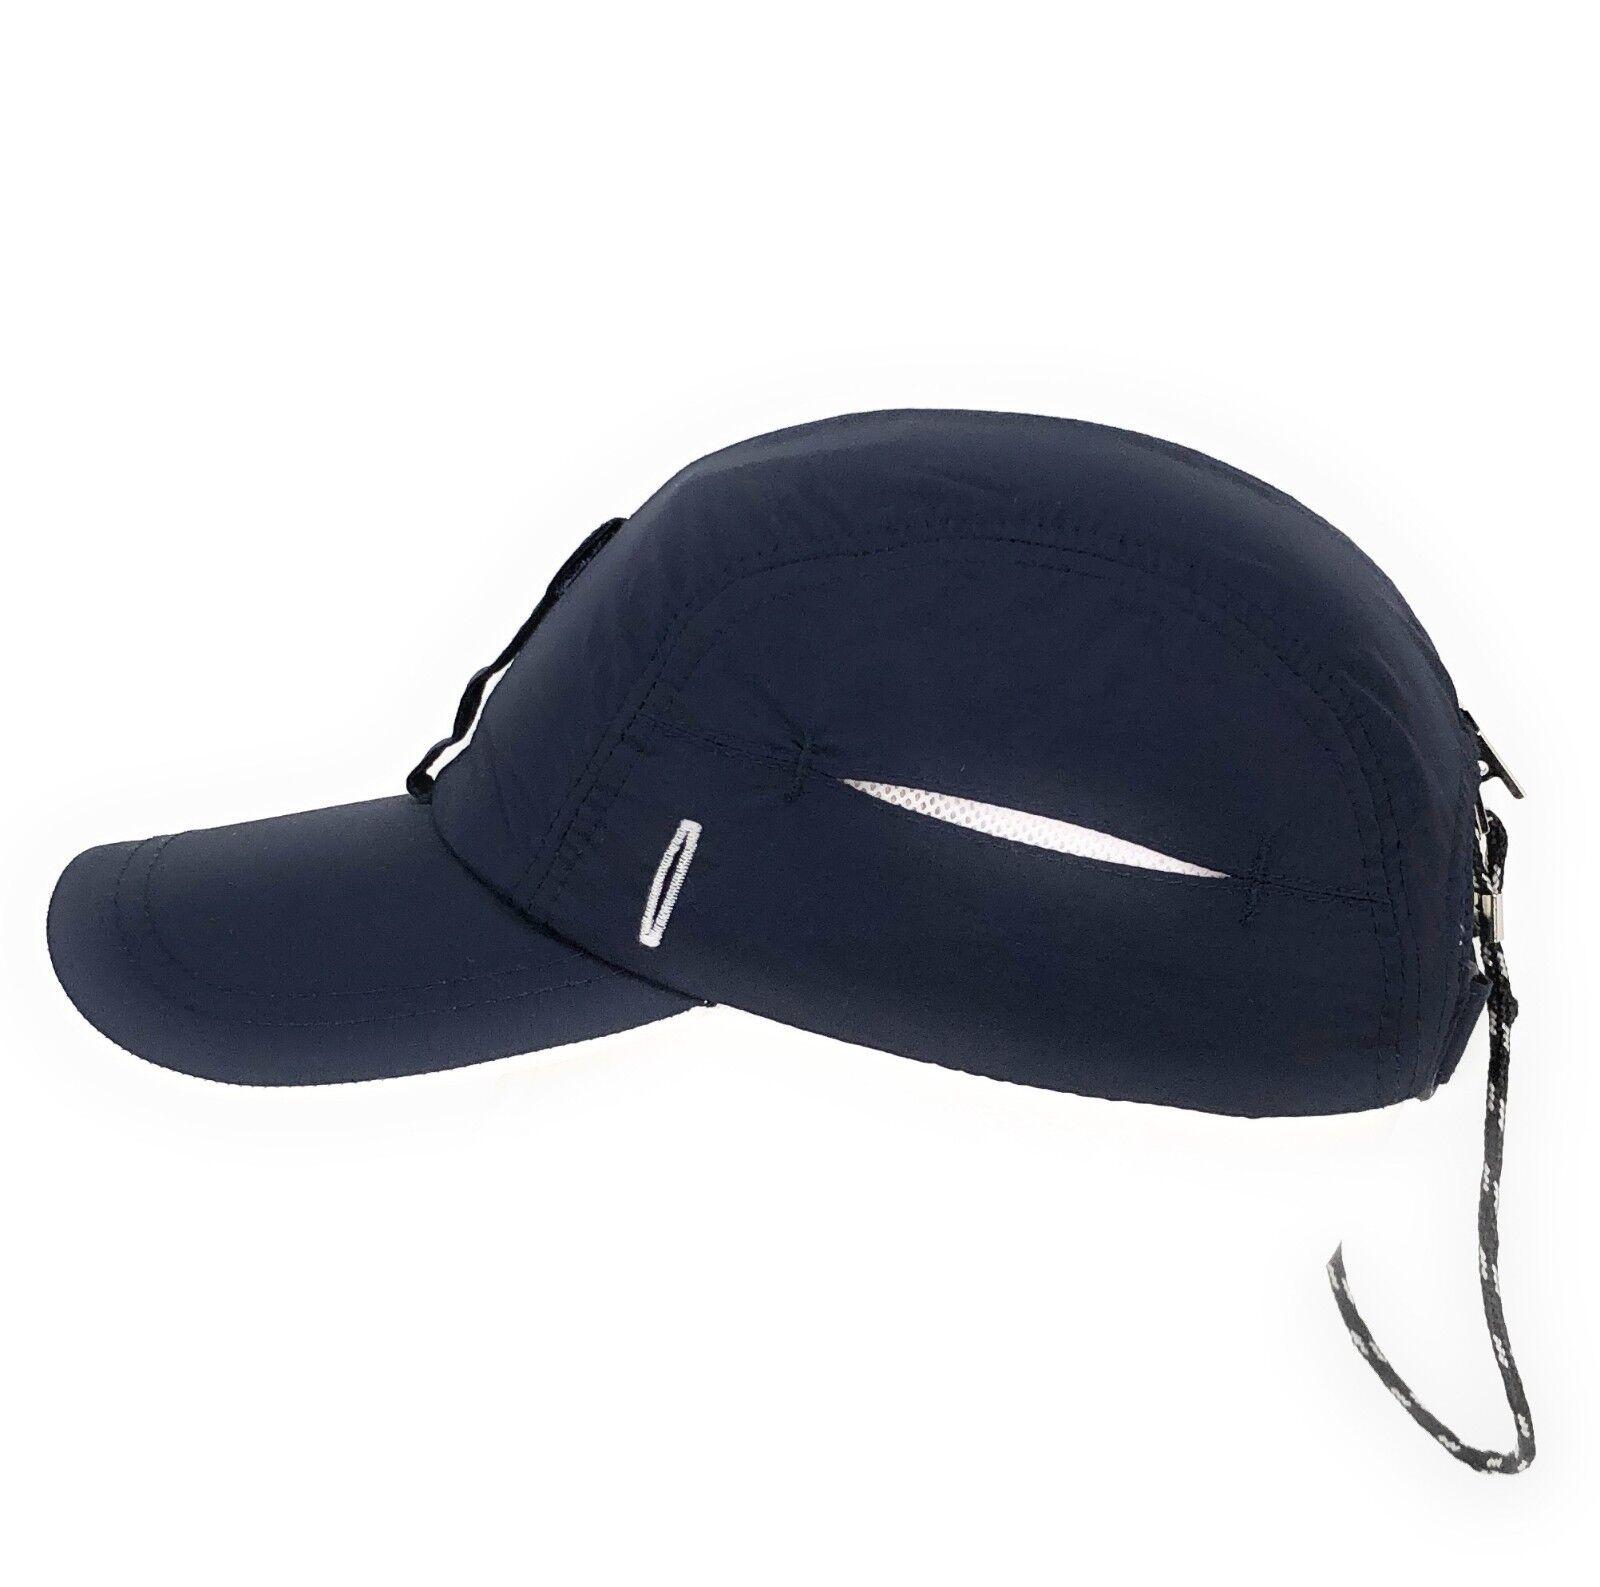 Basecap UV-Schutz 40+ Cap Mütze Schirmmütze Kappe Schildmütze Baseballcap Sommer